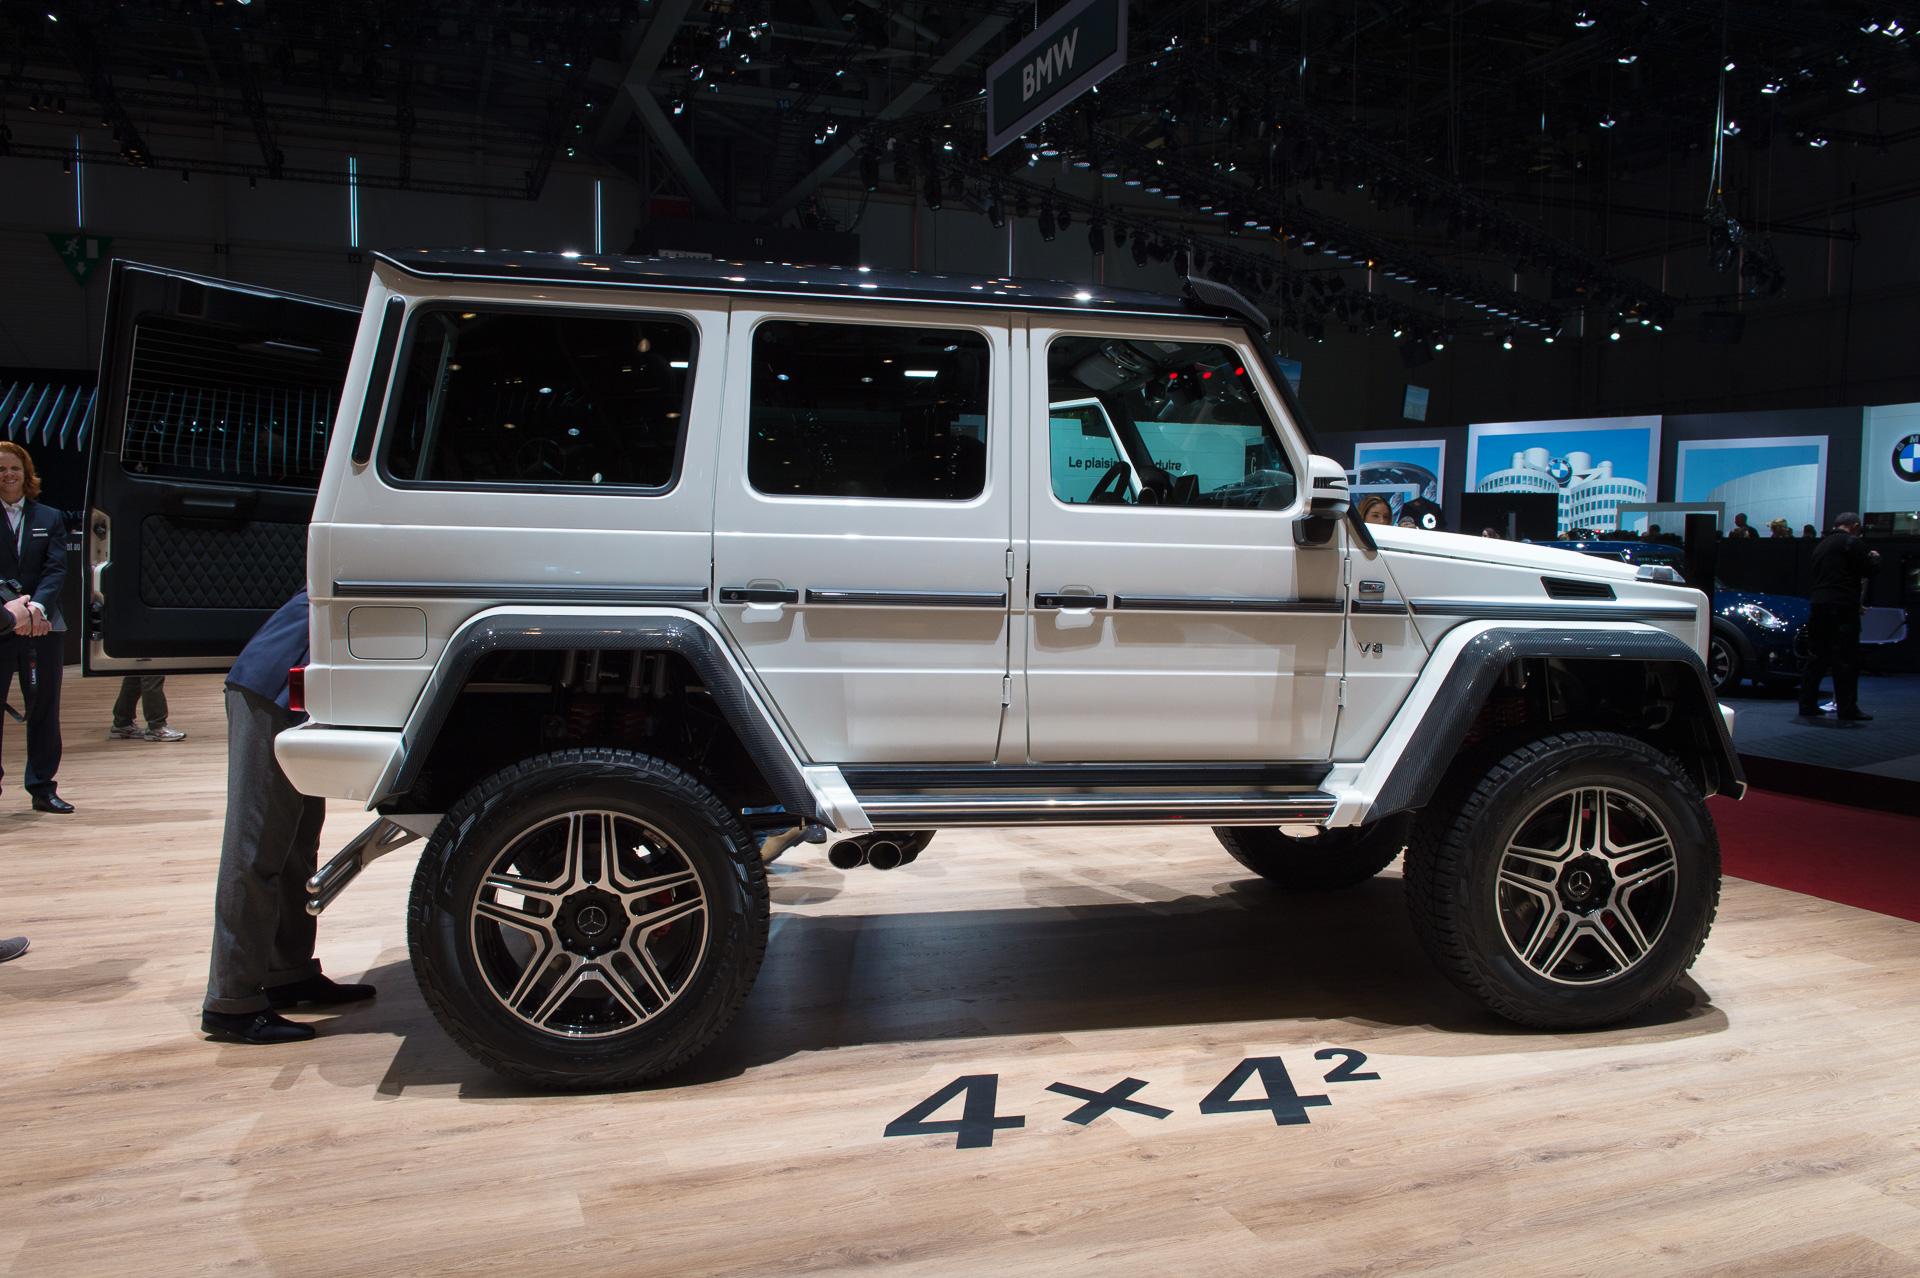 Genf-2015-Mercedes-Benz-G500-4x42-Studie-weiss-08